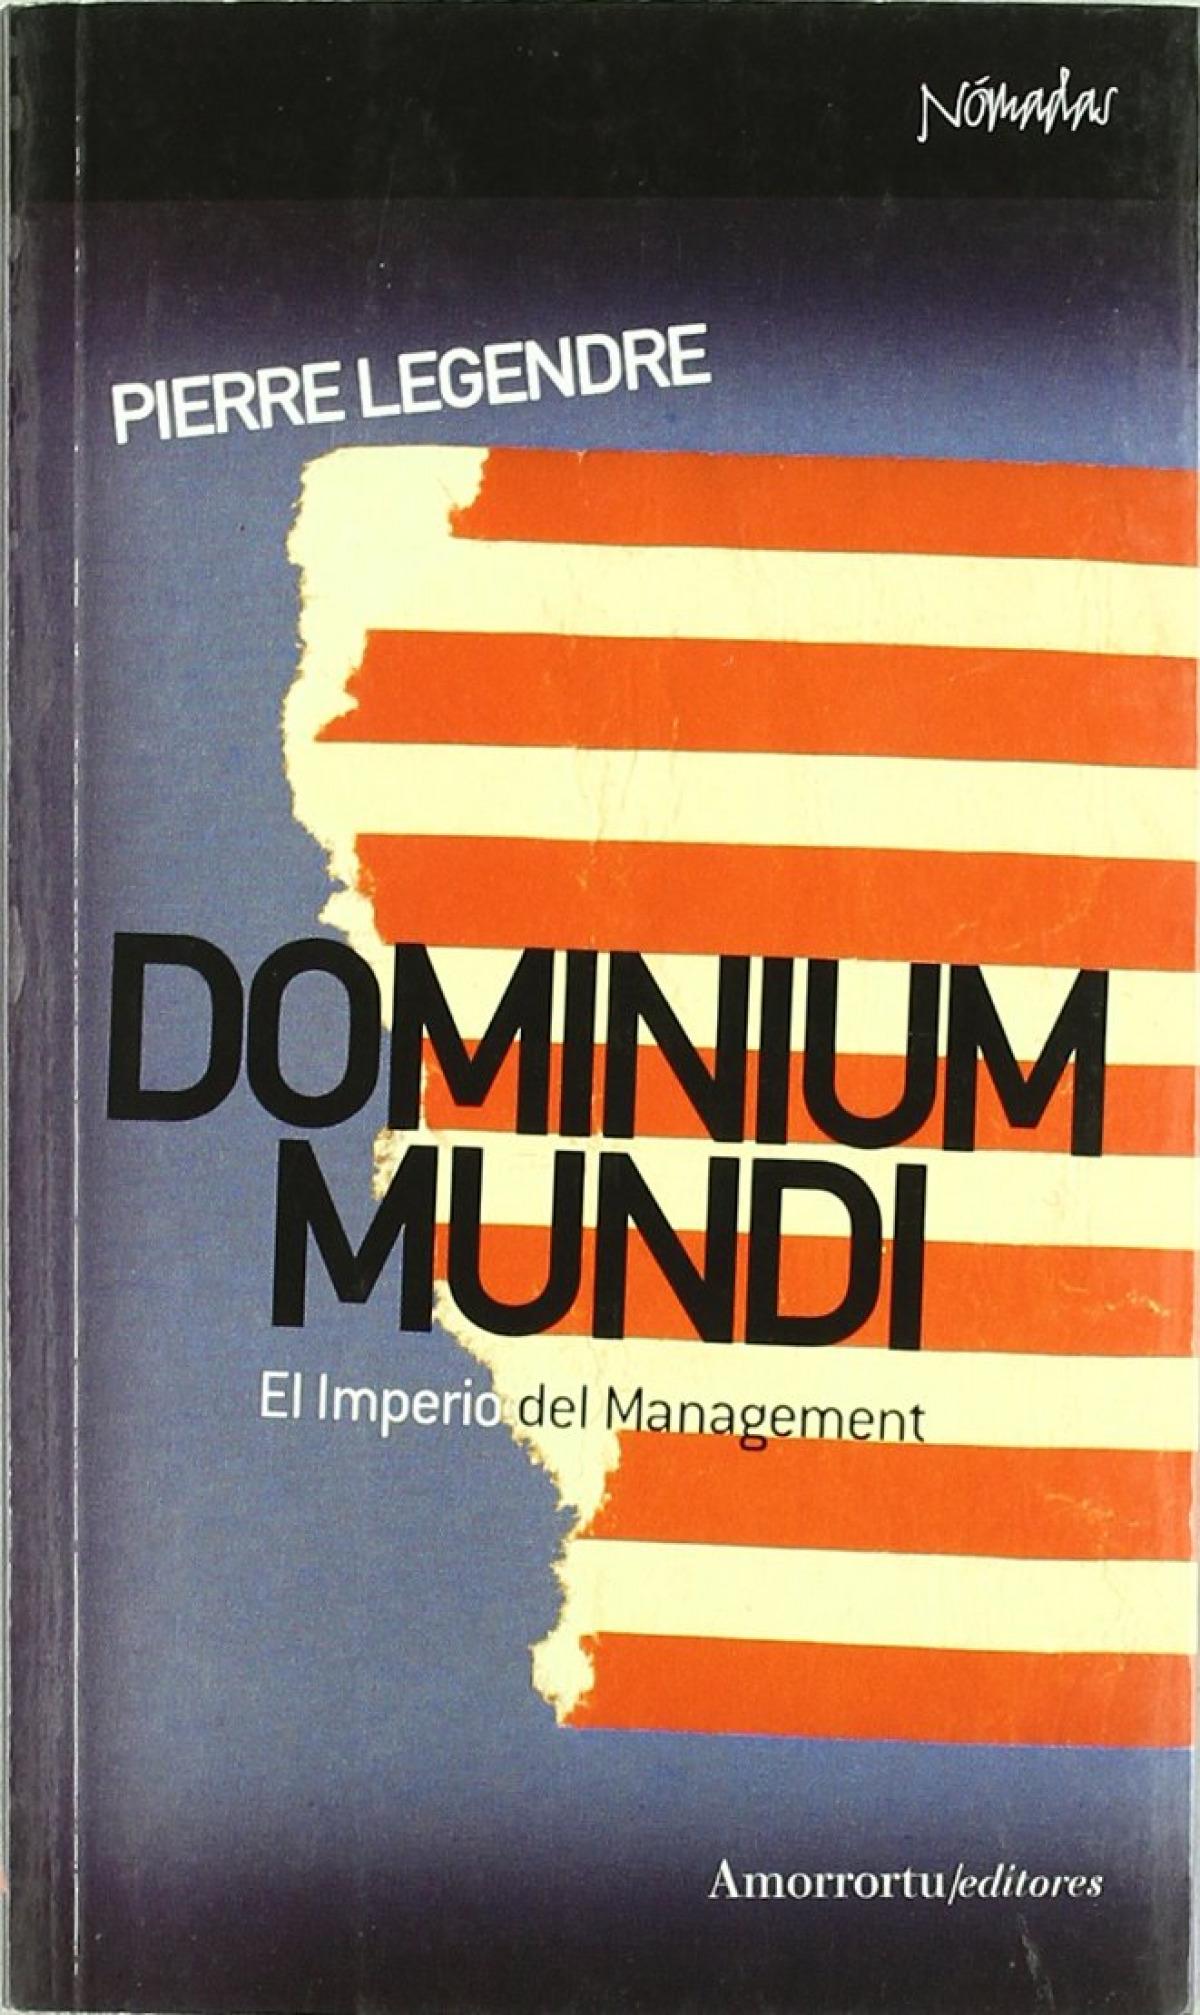 Dominium mundi - Legendre, Pierre